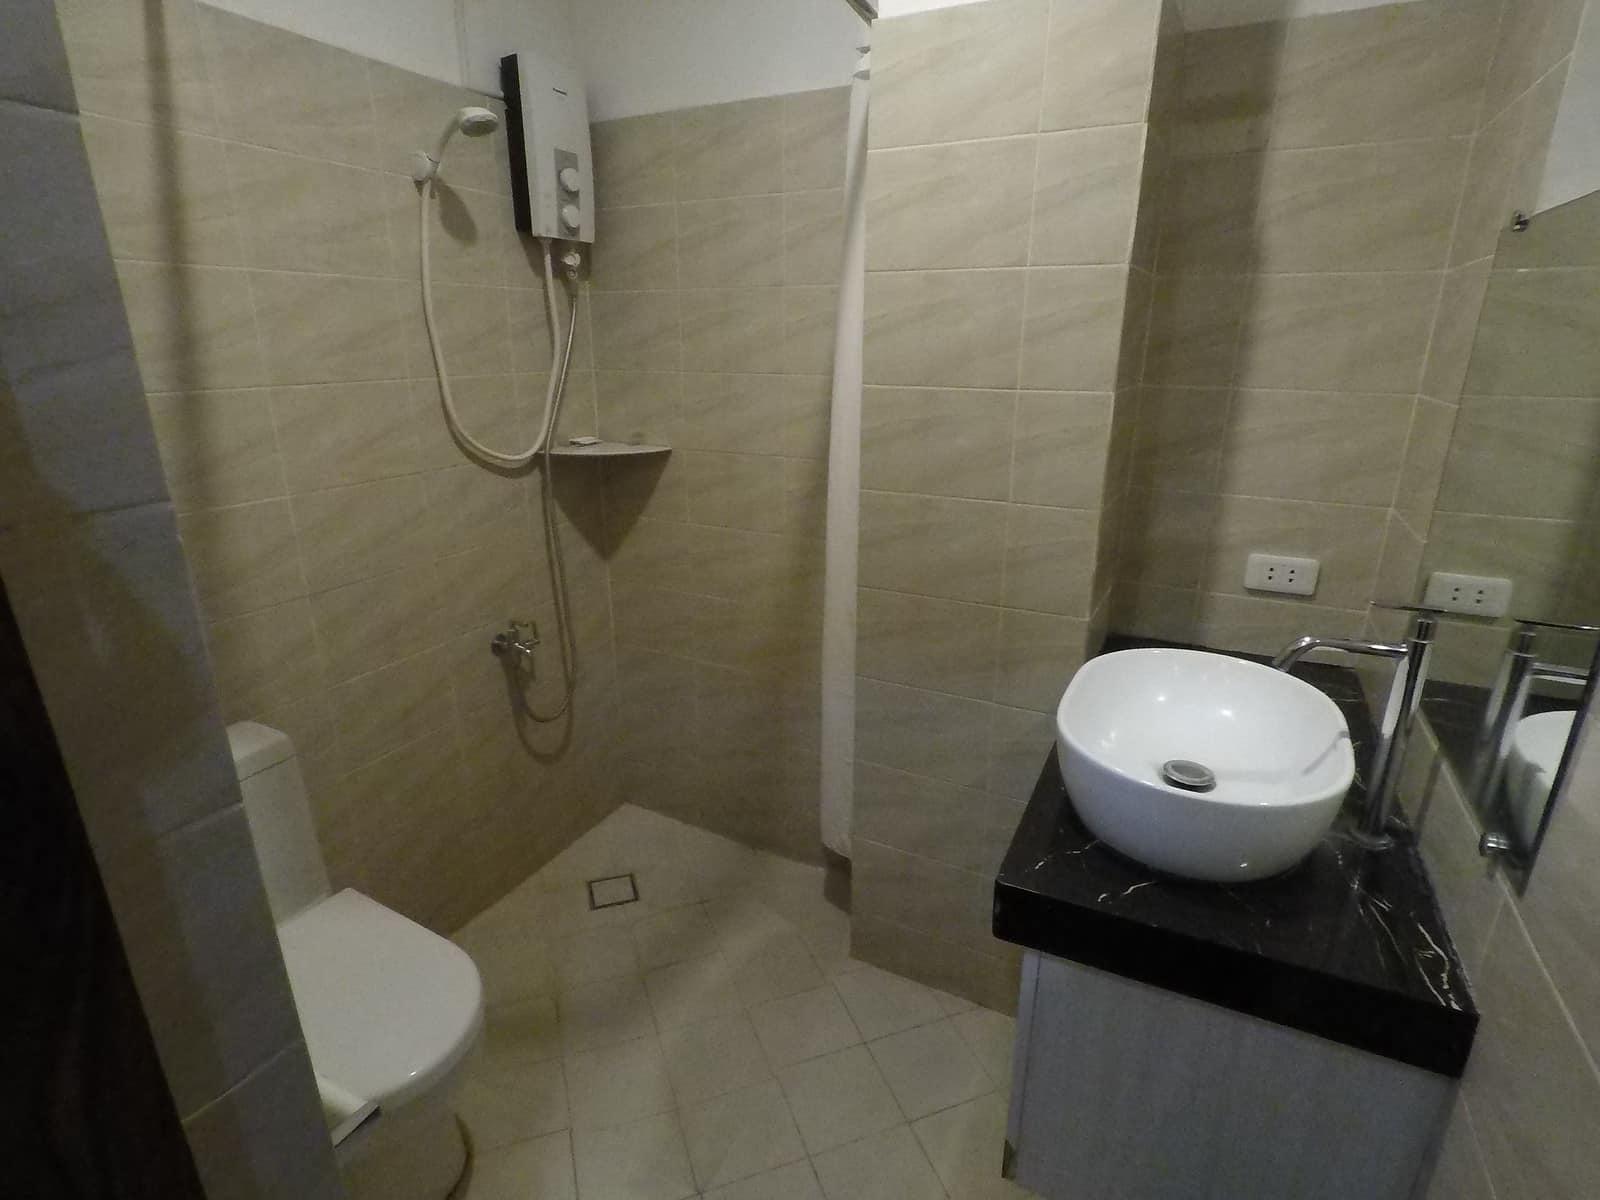 Toilet in Golden Gate Suites